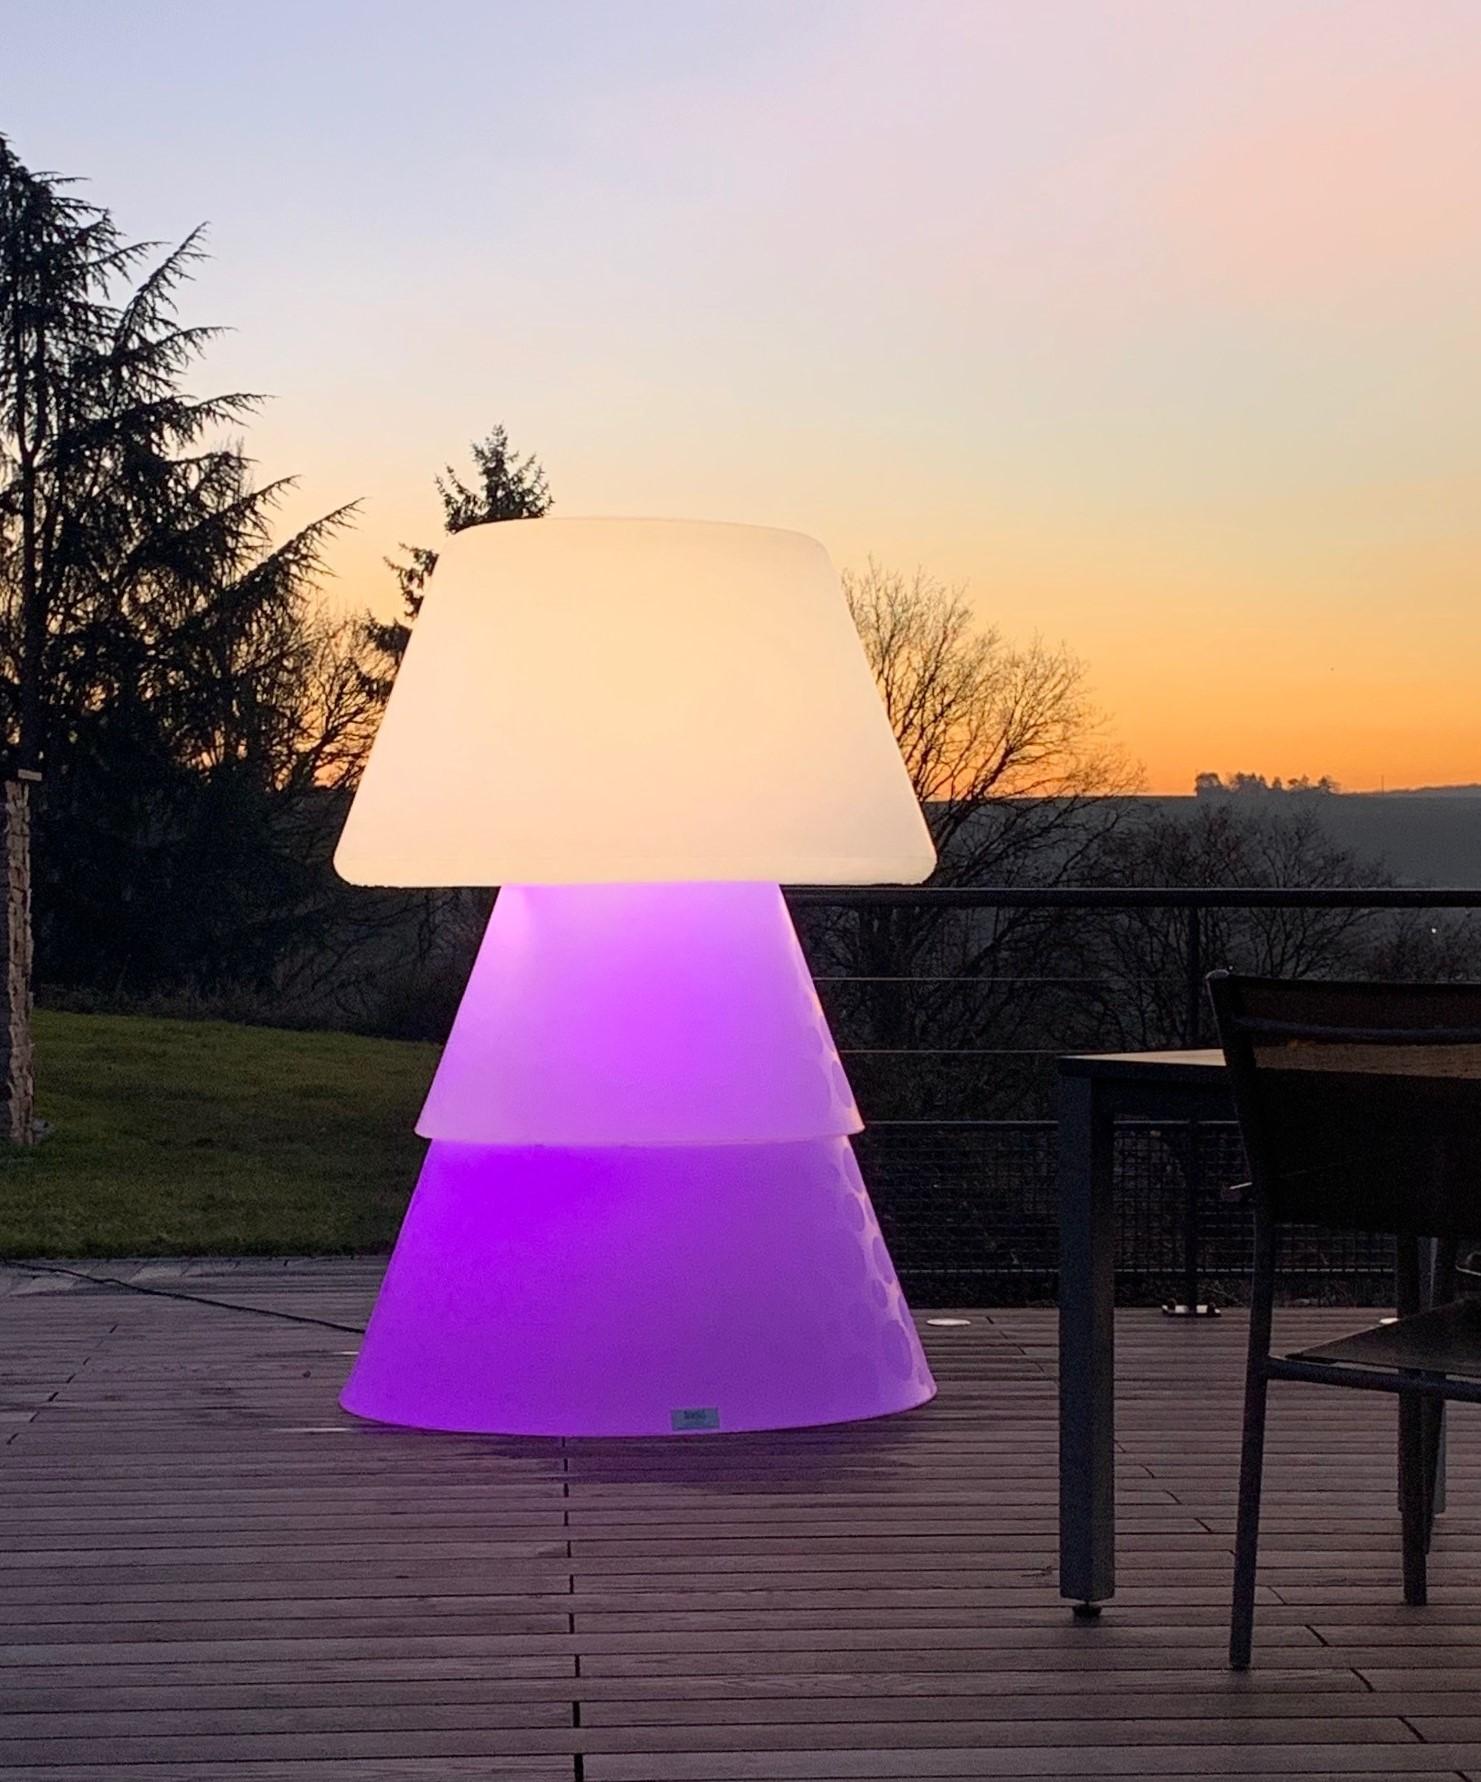 Lampadaire polyéthylène sur terrasse de nuit. allumage led mauve